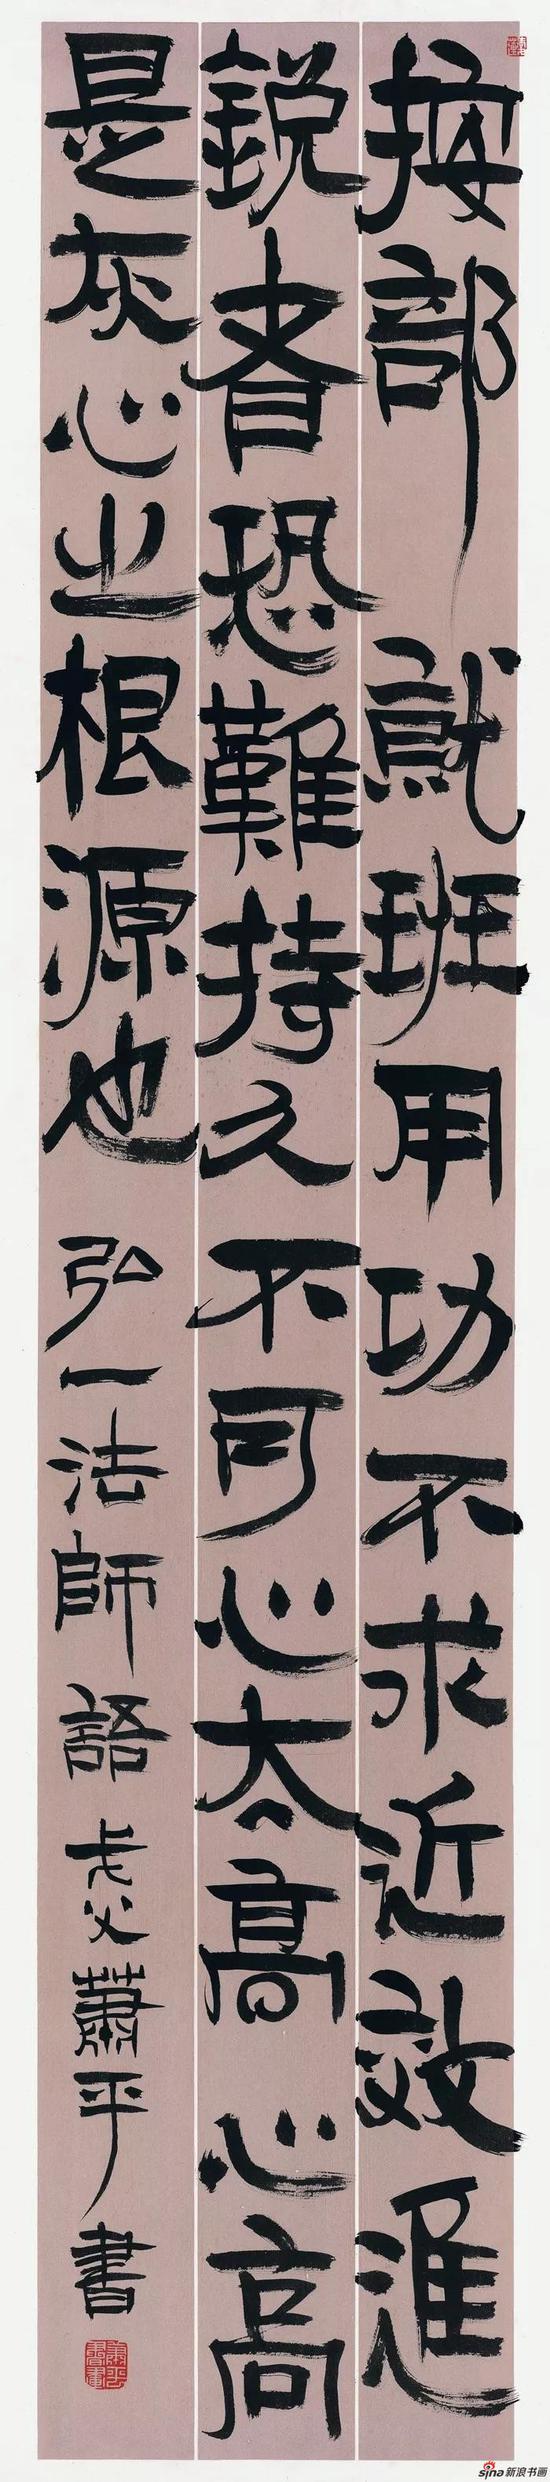 书法《弘一法师语》2012年书